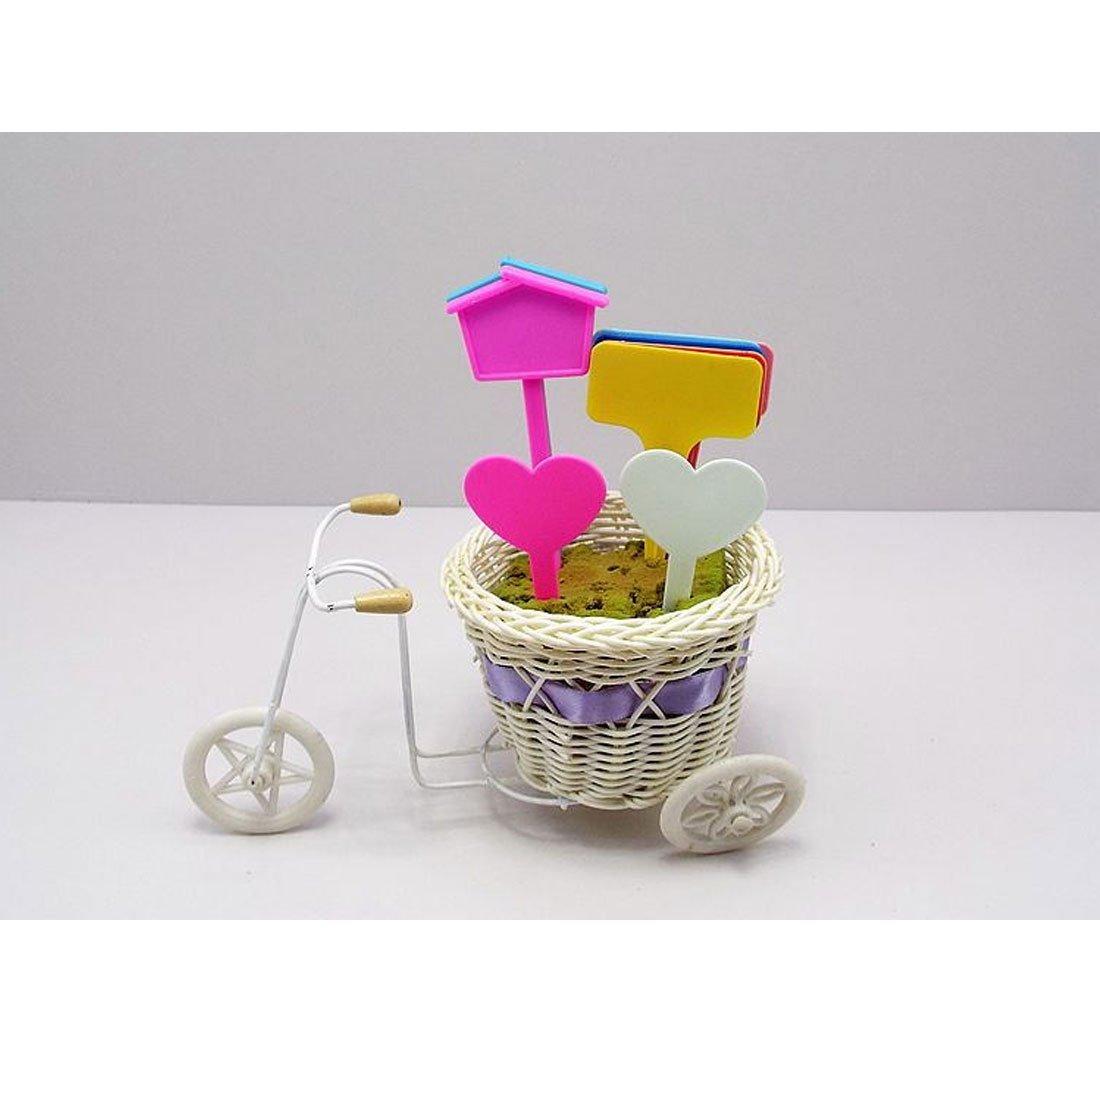 Amazon.com: DealMux Plástico Doméstico Jardim Coração planta em forma Tag Semente Etiqueta marcador da vara rosa 20pcs: Kitchen & Dining